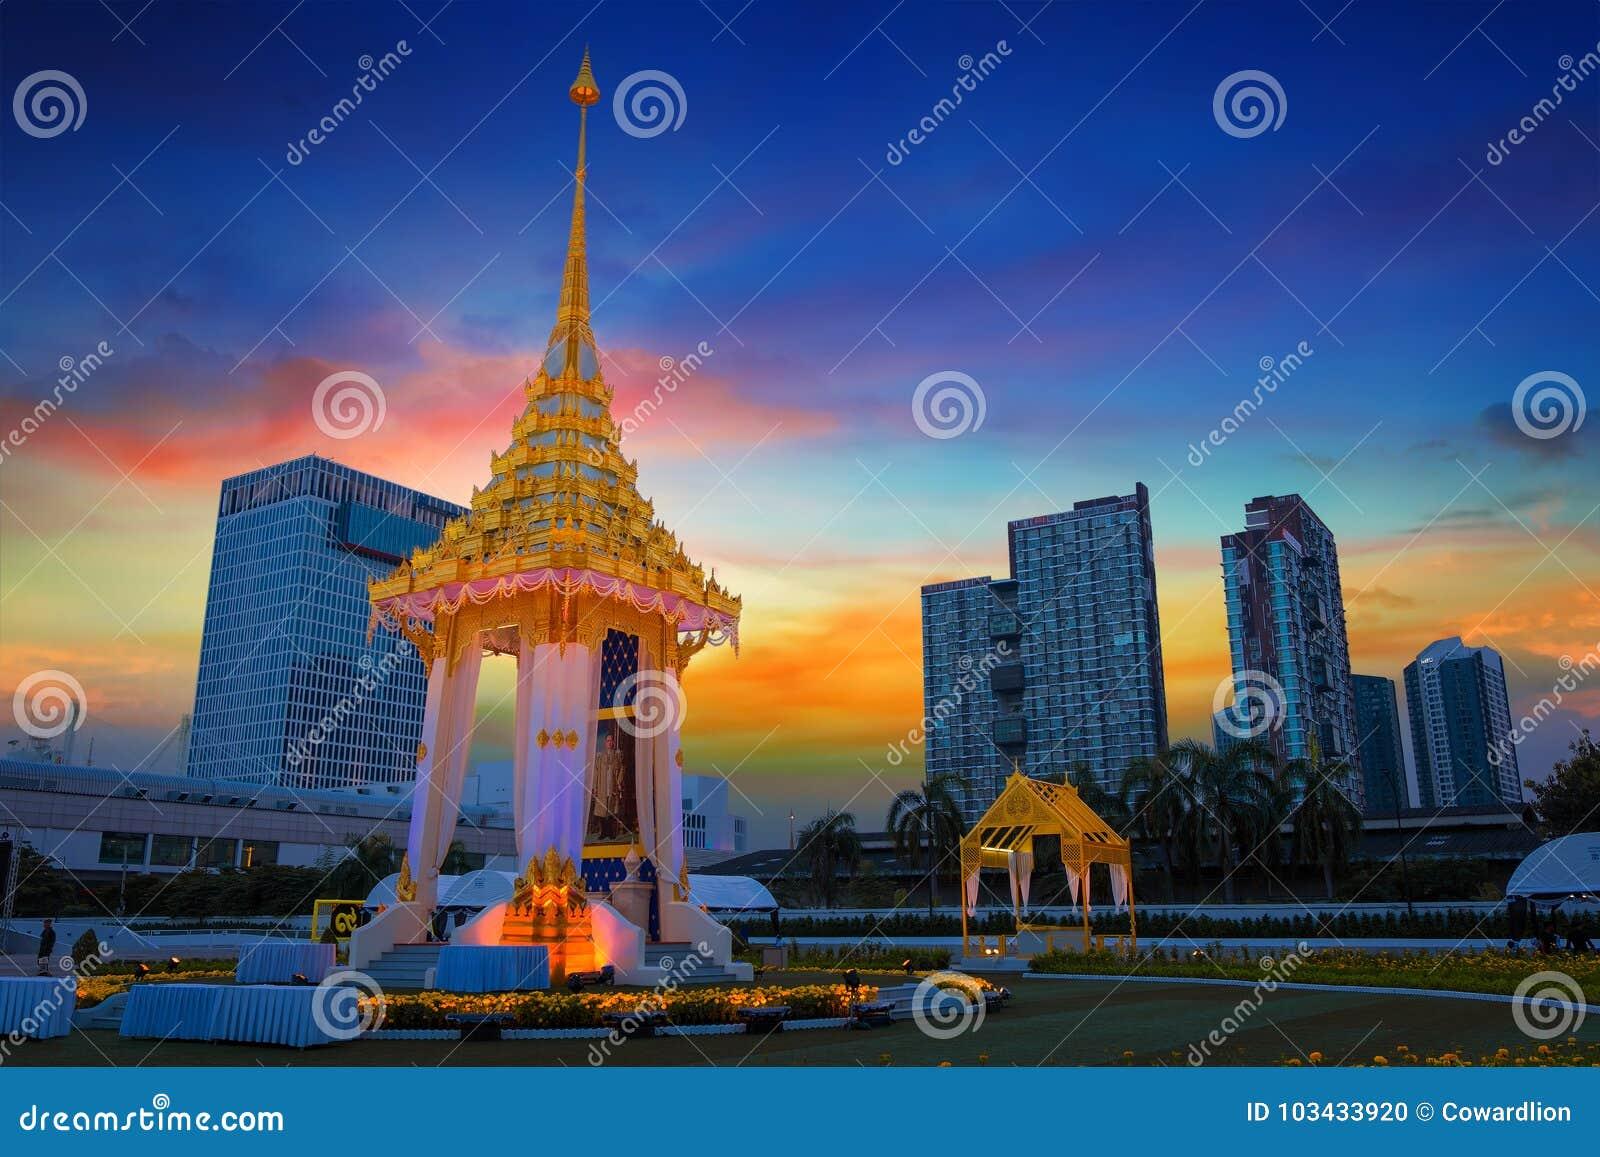 La replica del crematorio reale di re recente Bhumibol Adulyadej costruito per il funerale reale a BITEC - interno della Sua Maes